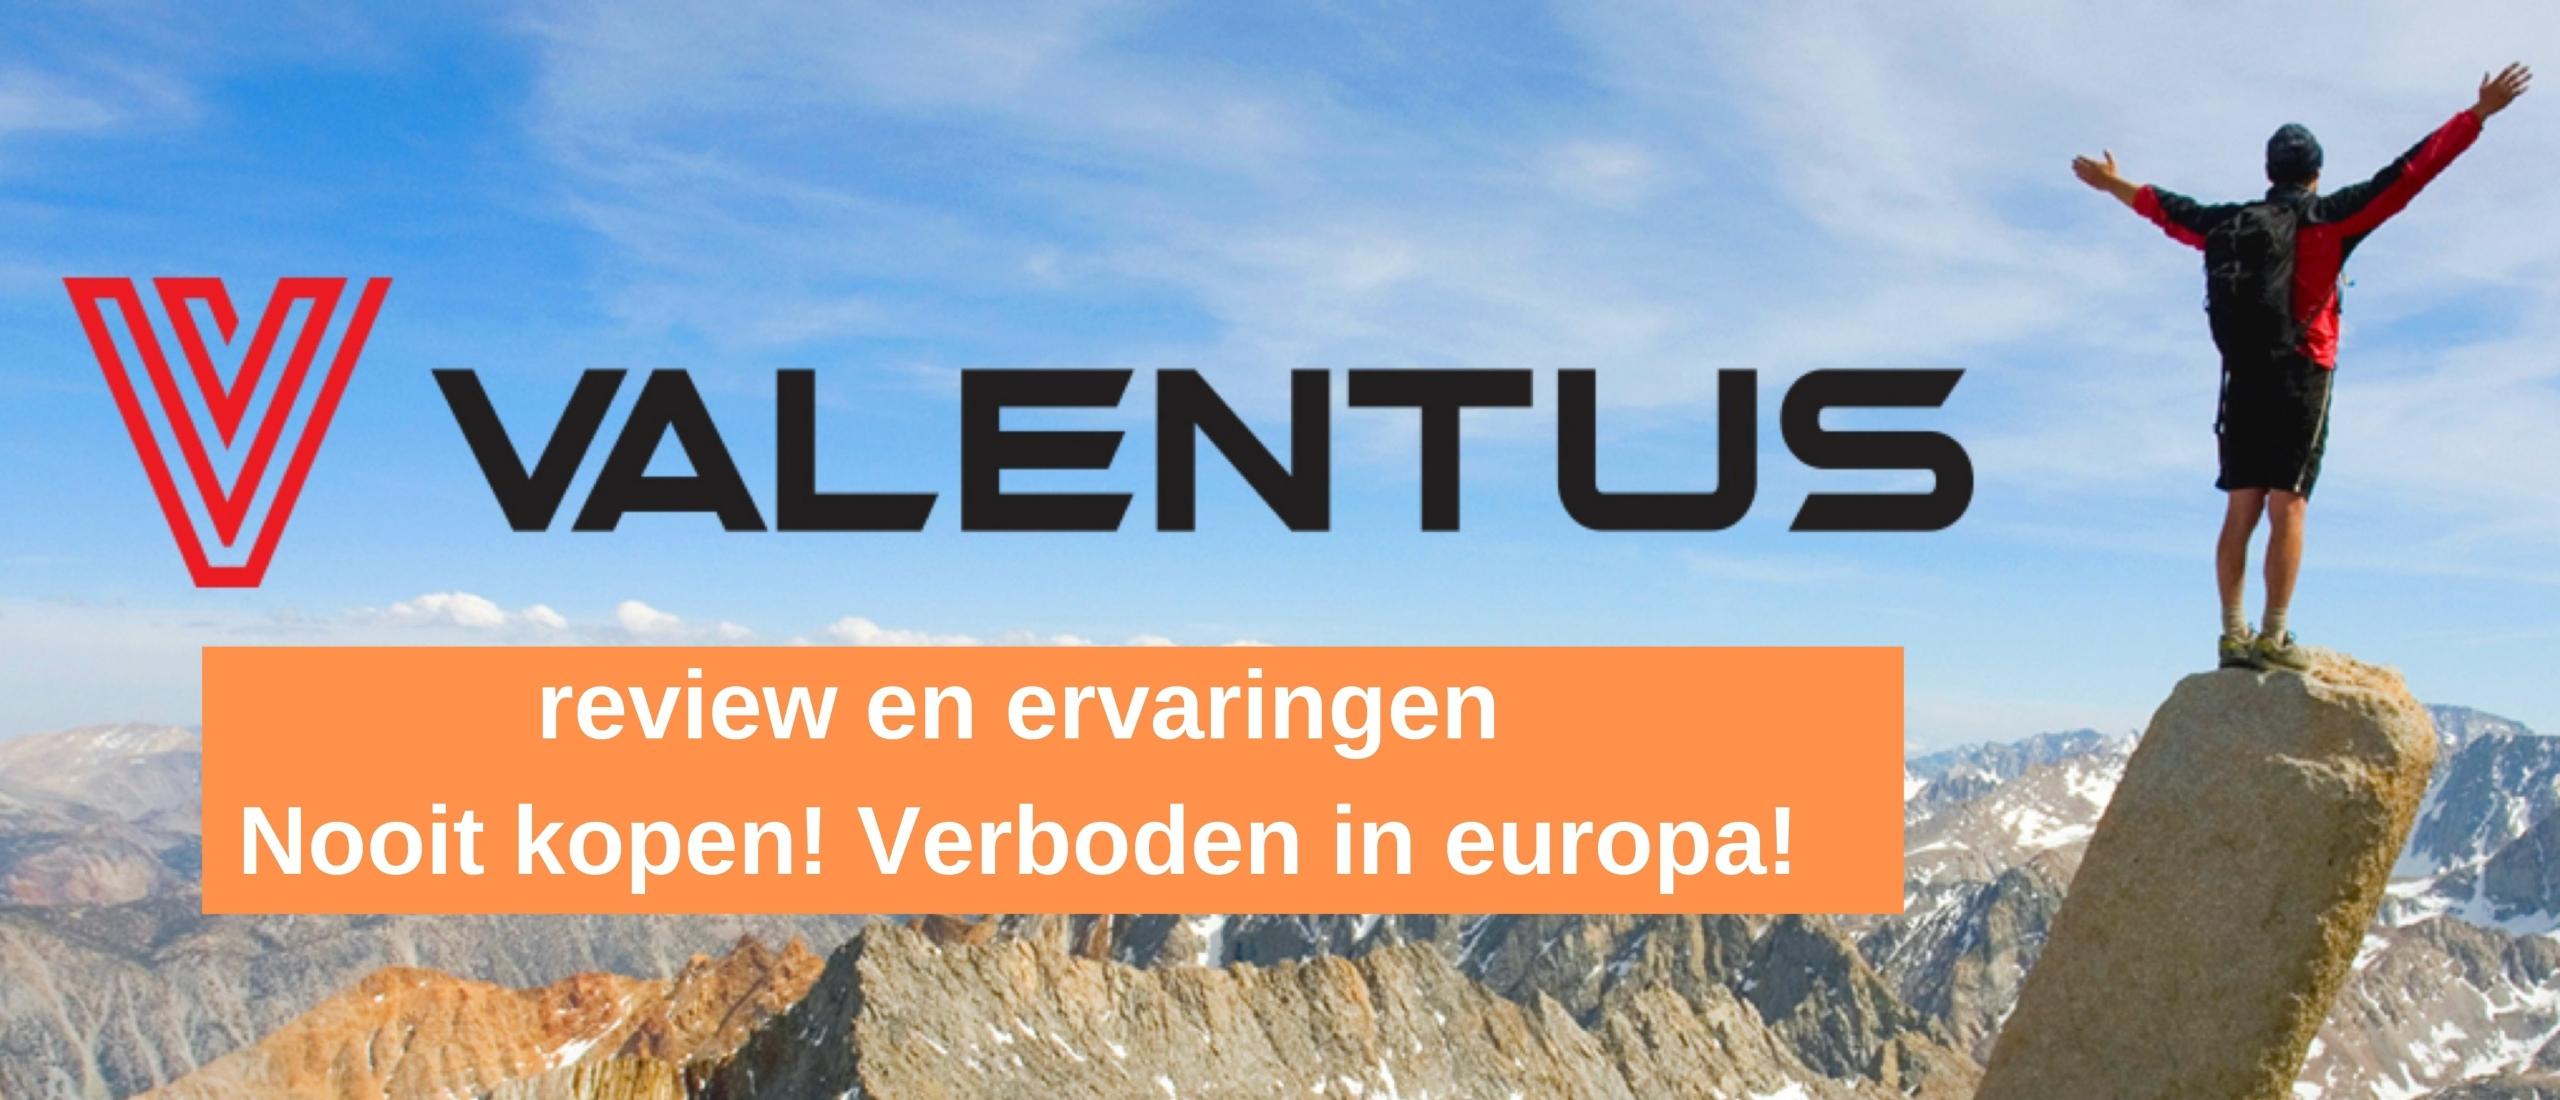 Valentus review-ervaringen. Waarschuwing! Niet gaan kopen!